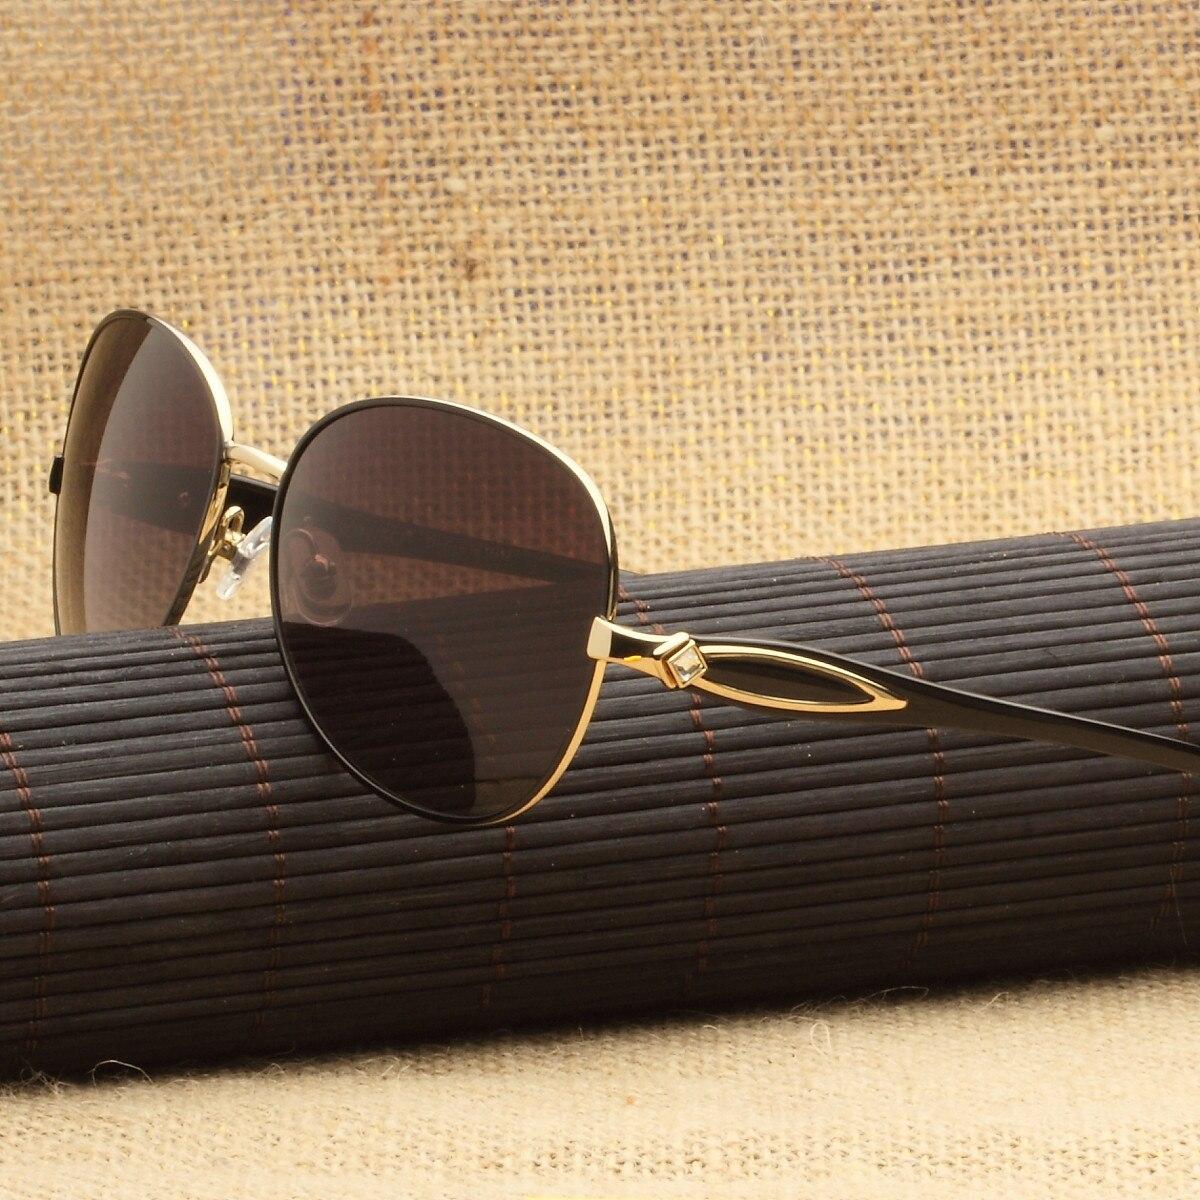 2019 gafas de sol Retro polarizadas para mujer gafas de sol de estilo Retro señoras gradiente Vintage sombras puntos